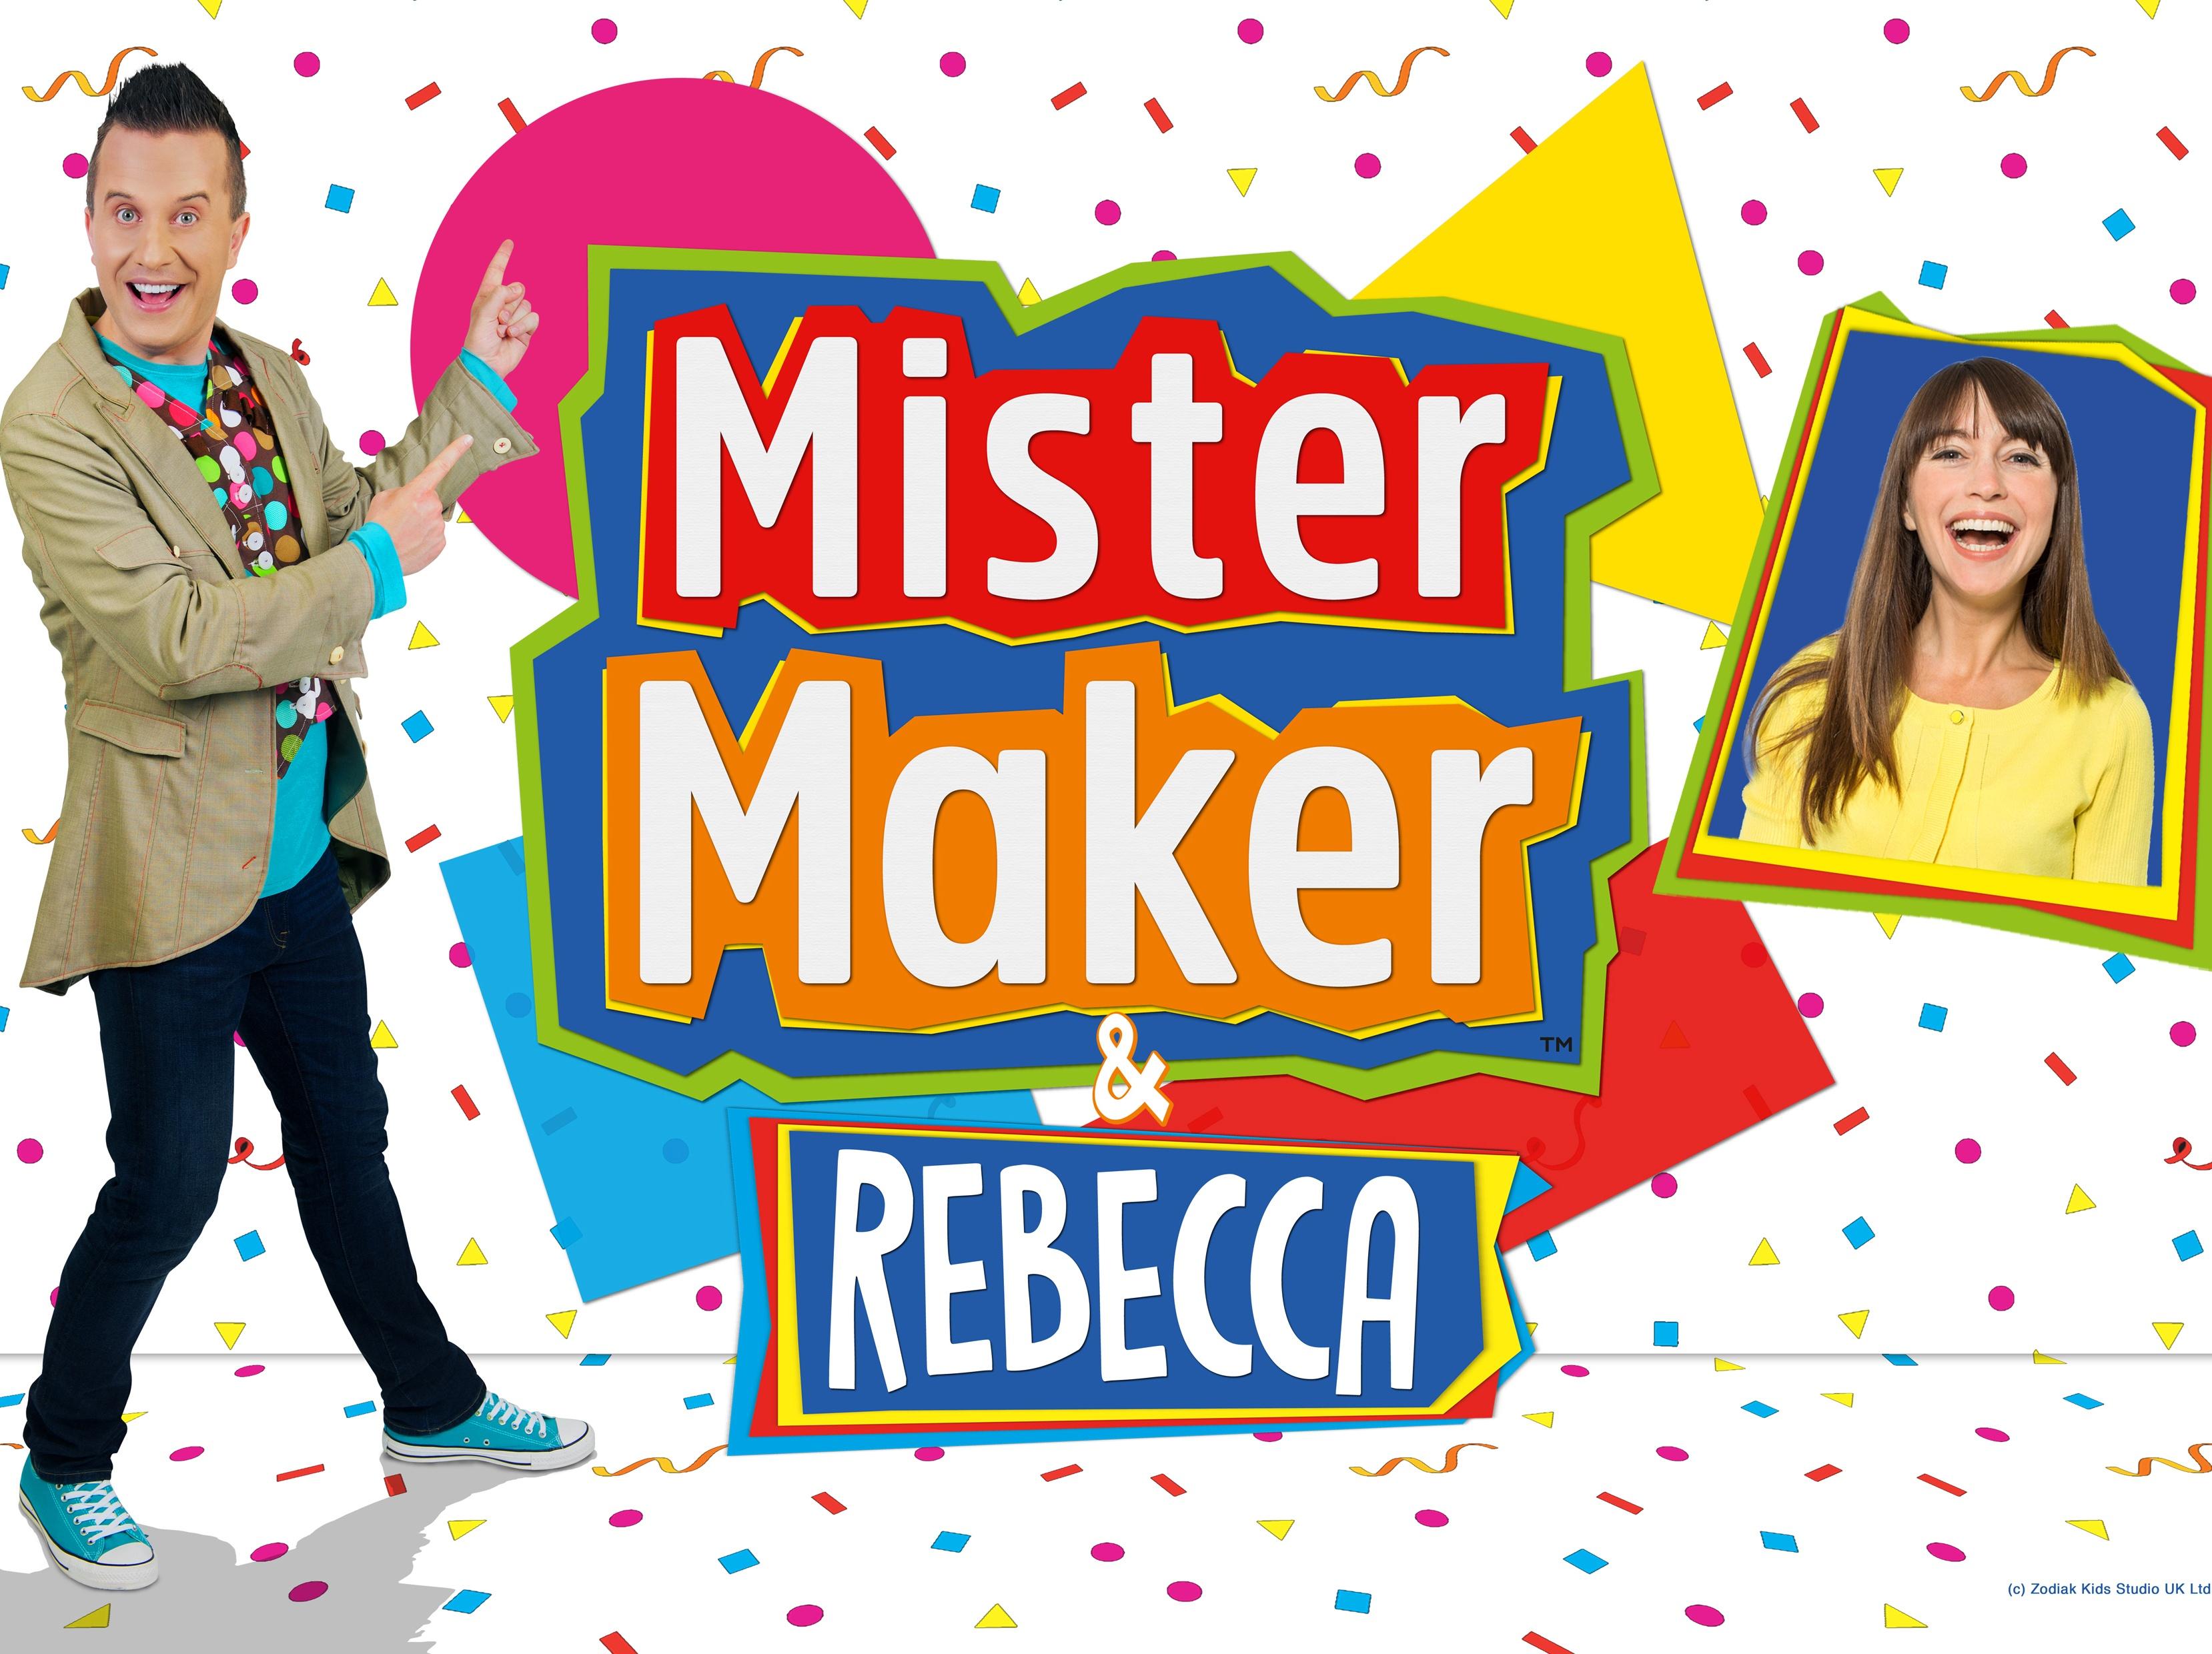 Mister Maker & Rebecca Keatley image